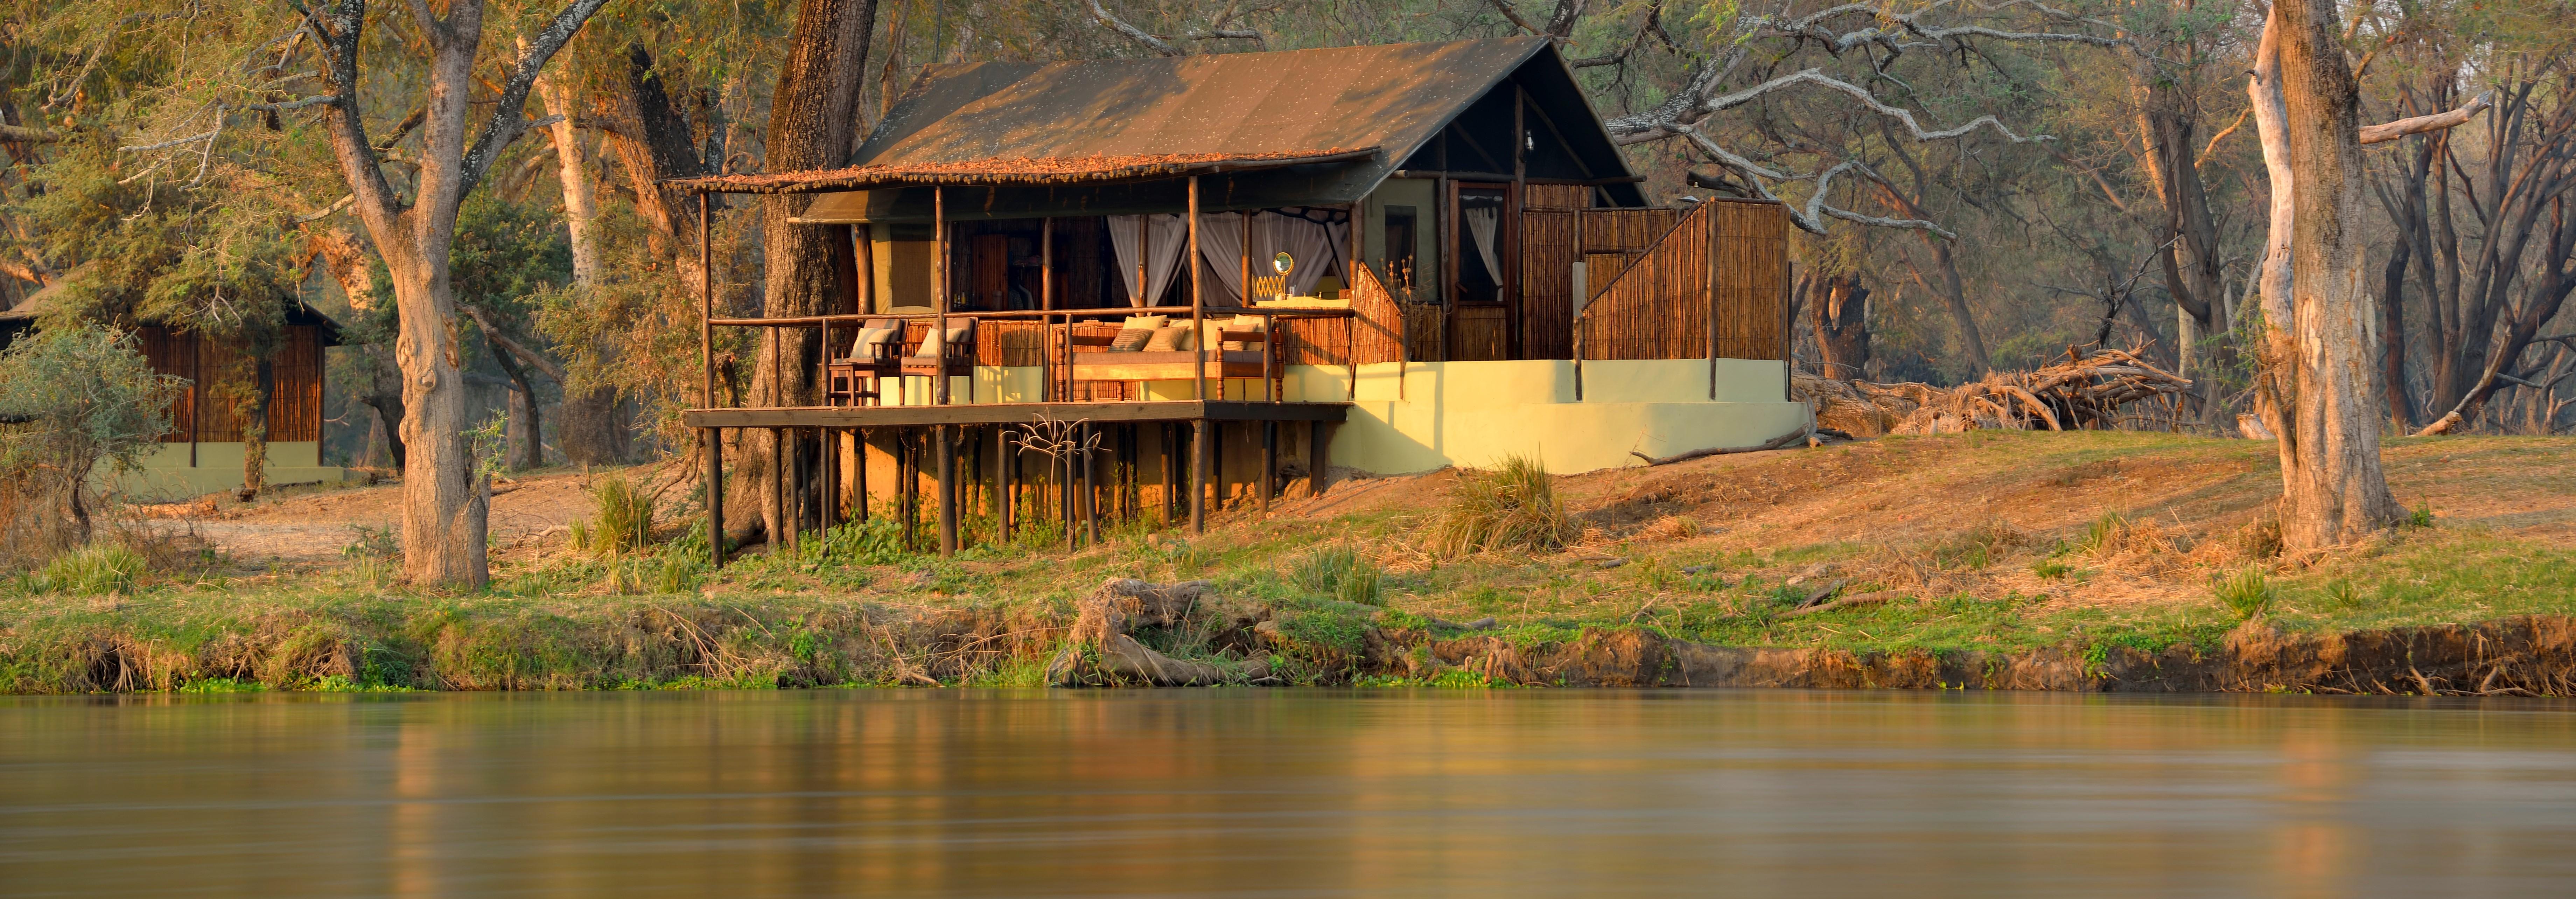 old-mondoro-lower-zambezi-zambia